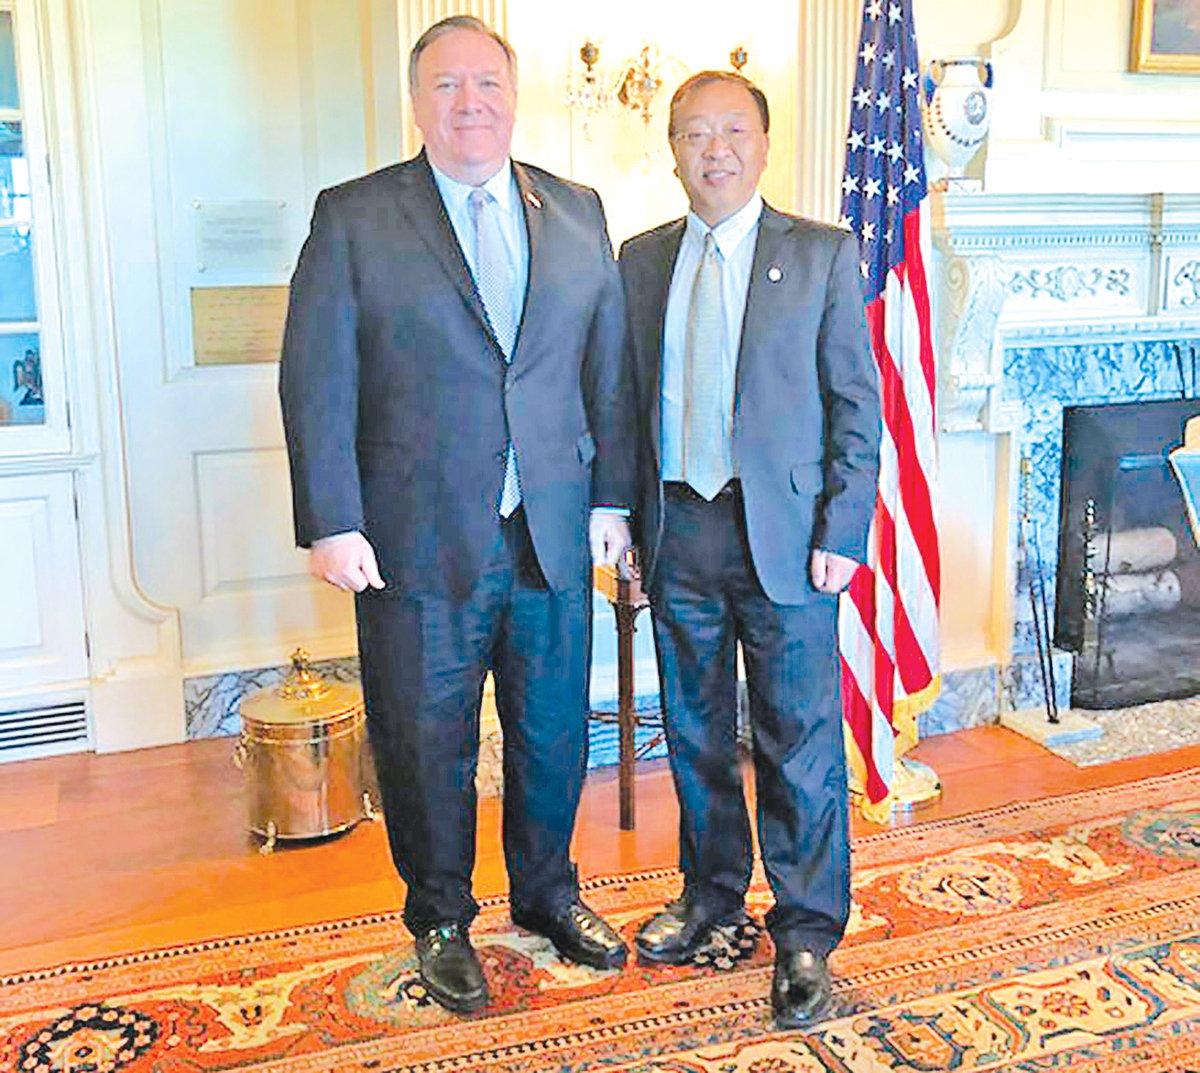 美國國務卿蓬佩奧(左)和余茂春(右)合照。(美國國務院)